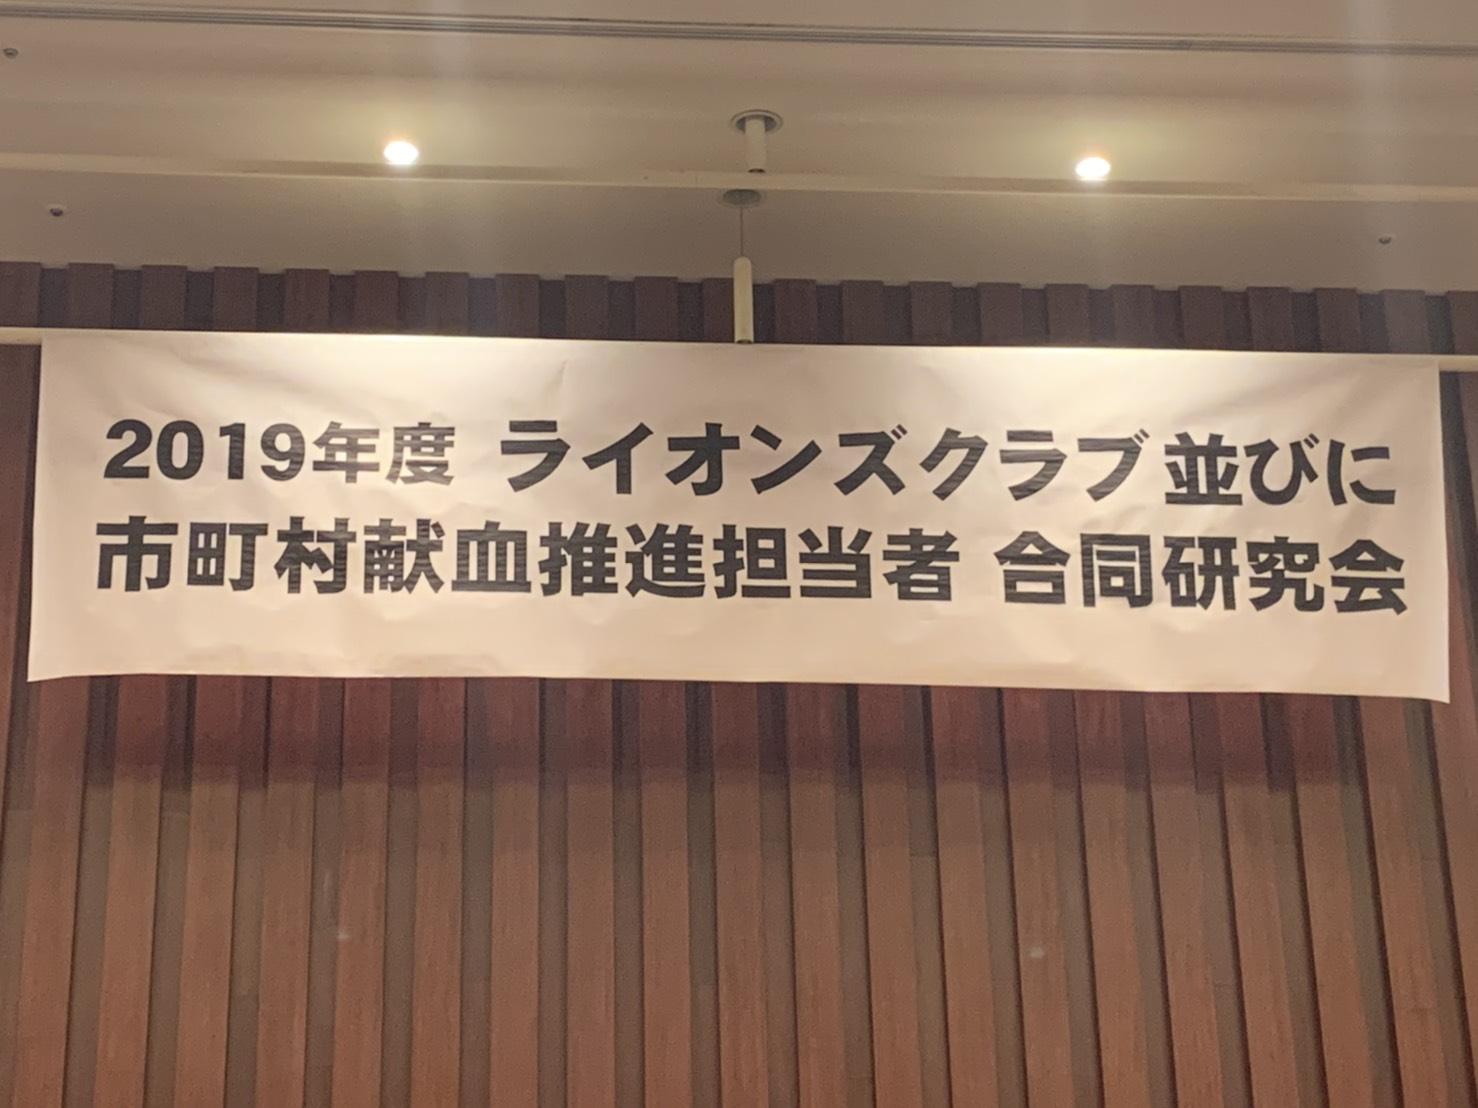 献血推進者研修会 福岡大樹ライオンズクラブ